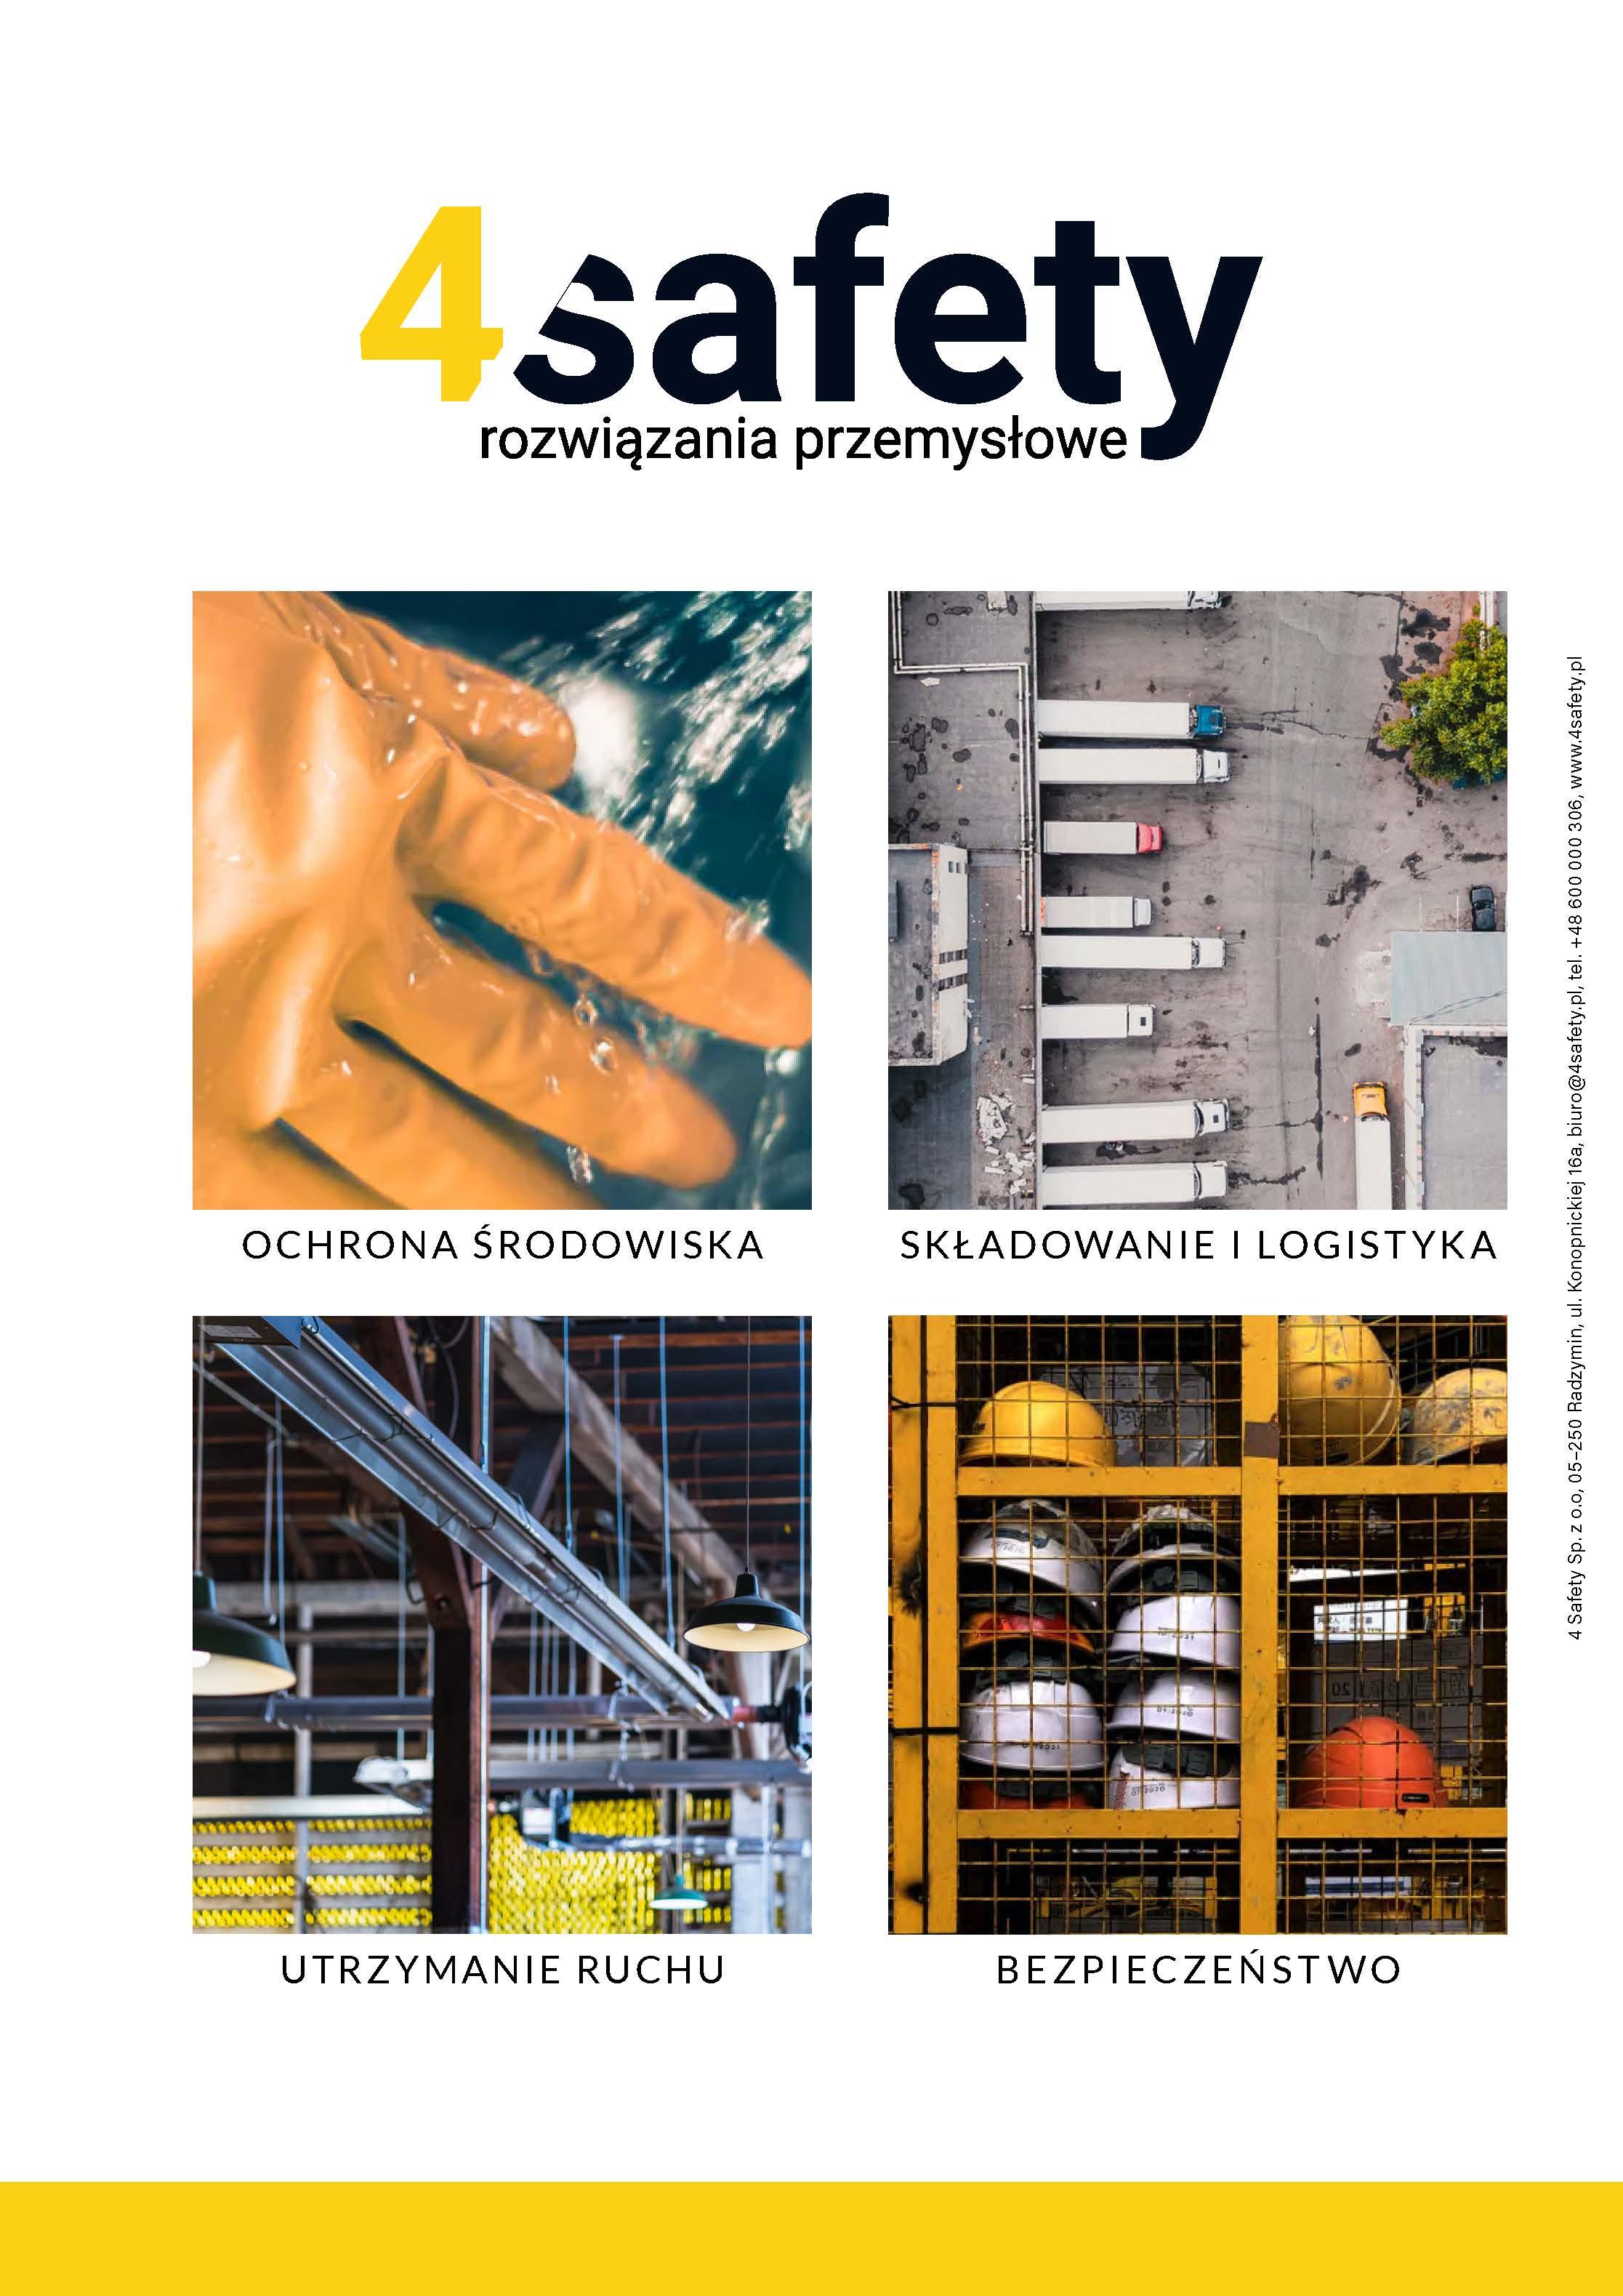 katalog produktowy 4safety rozwiązania przemysłowe